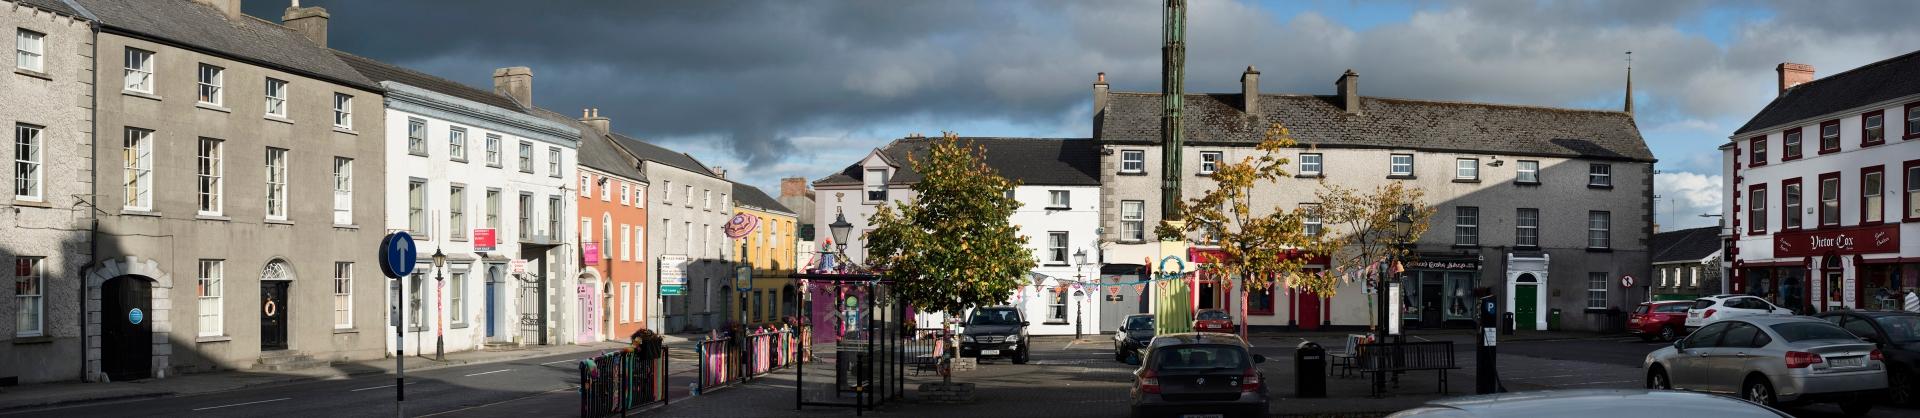 Mountmellick to Dublin - 4 ways to travel via train, bus, taxi